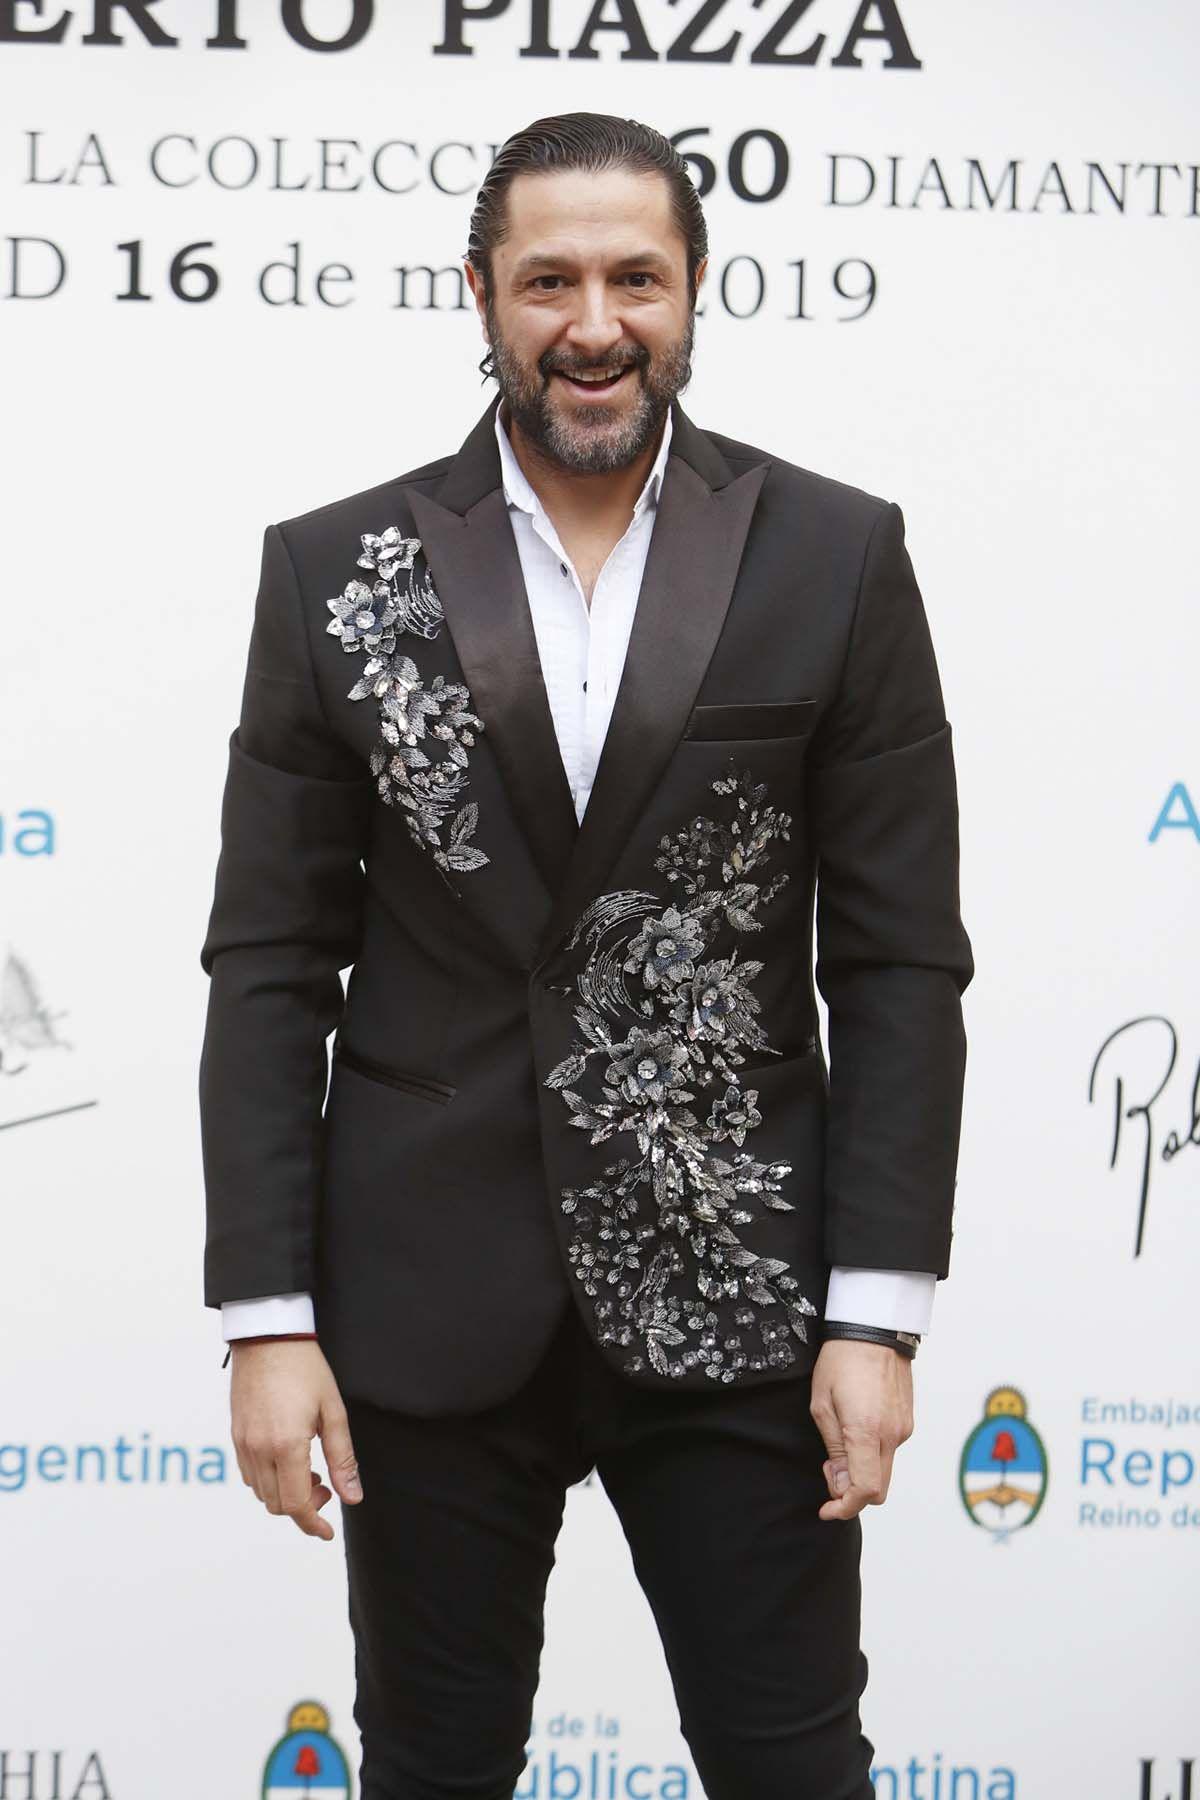 Rafael Amargo incumple su compromiso con 'Socialité' dejándoles 'tirados' minutos antes